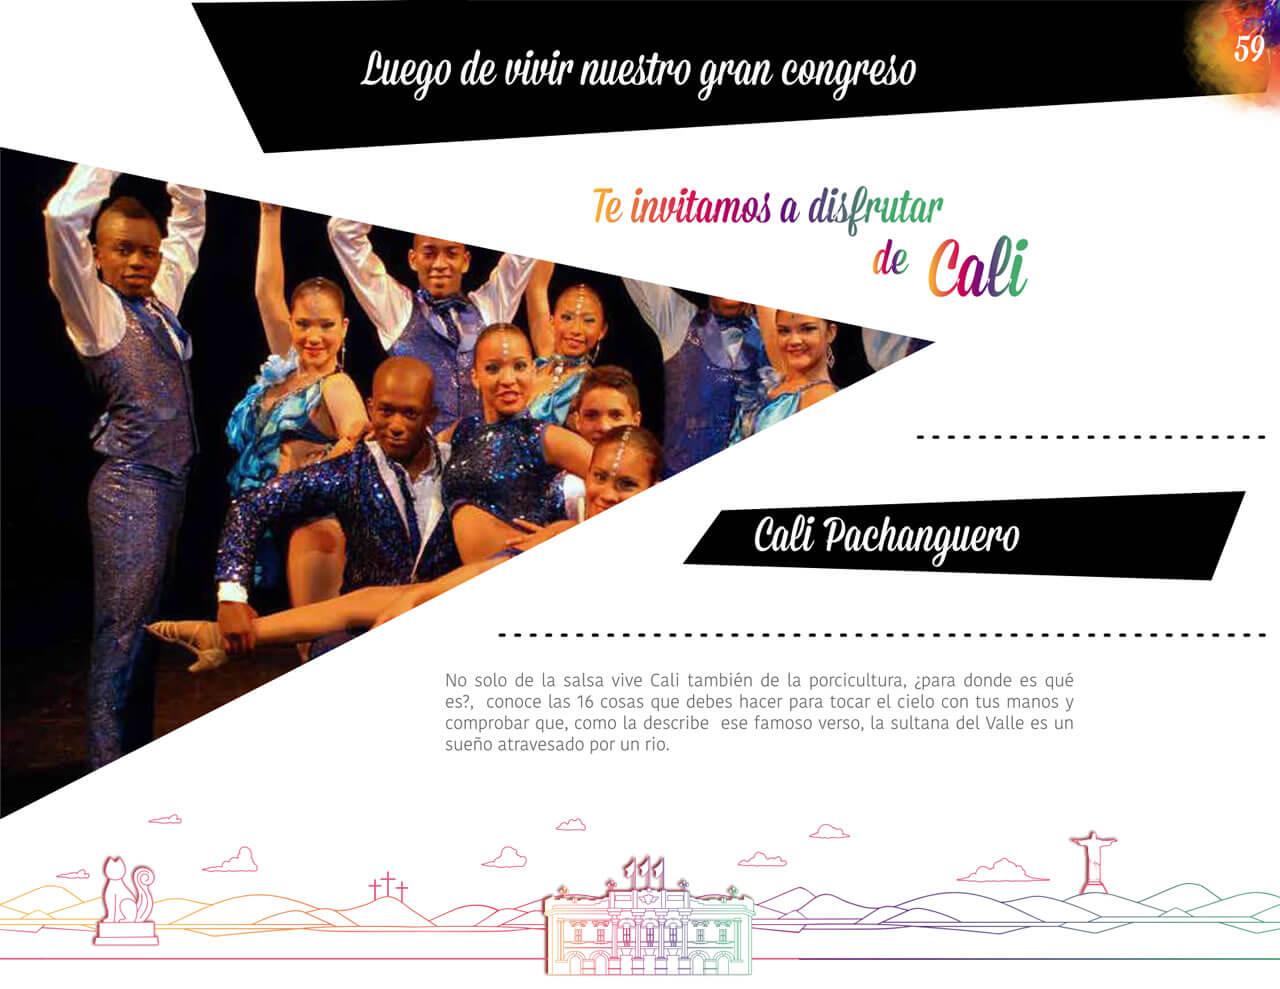 https://www.porkcolombia.co/wp-content/uploads/2018/05/1.jpg